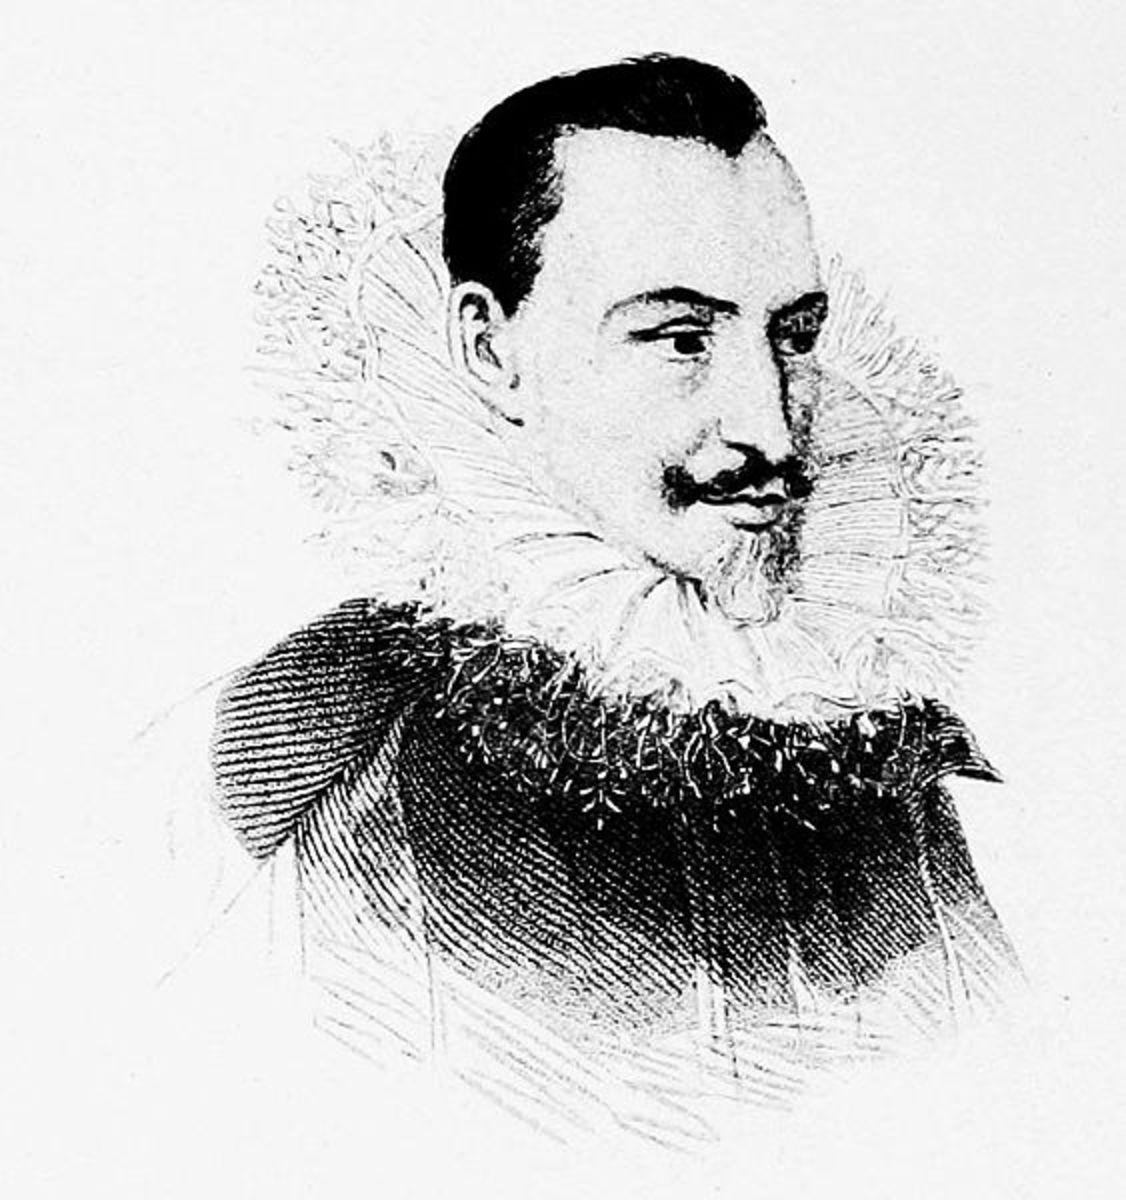 Edmund Spenser, author of Faerie Queen